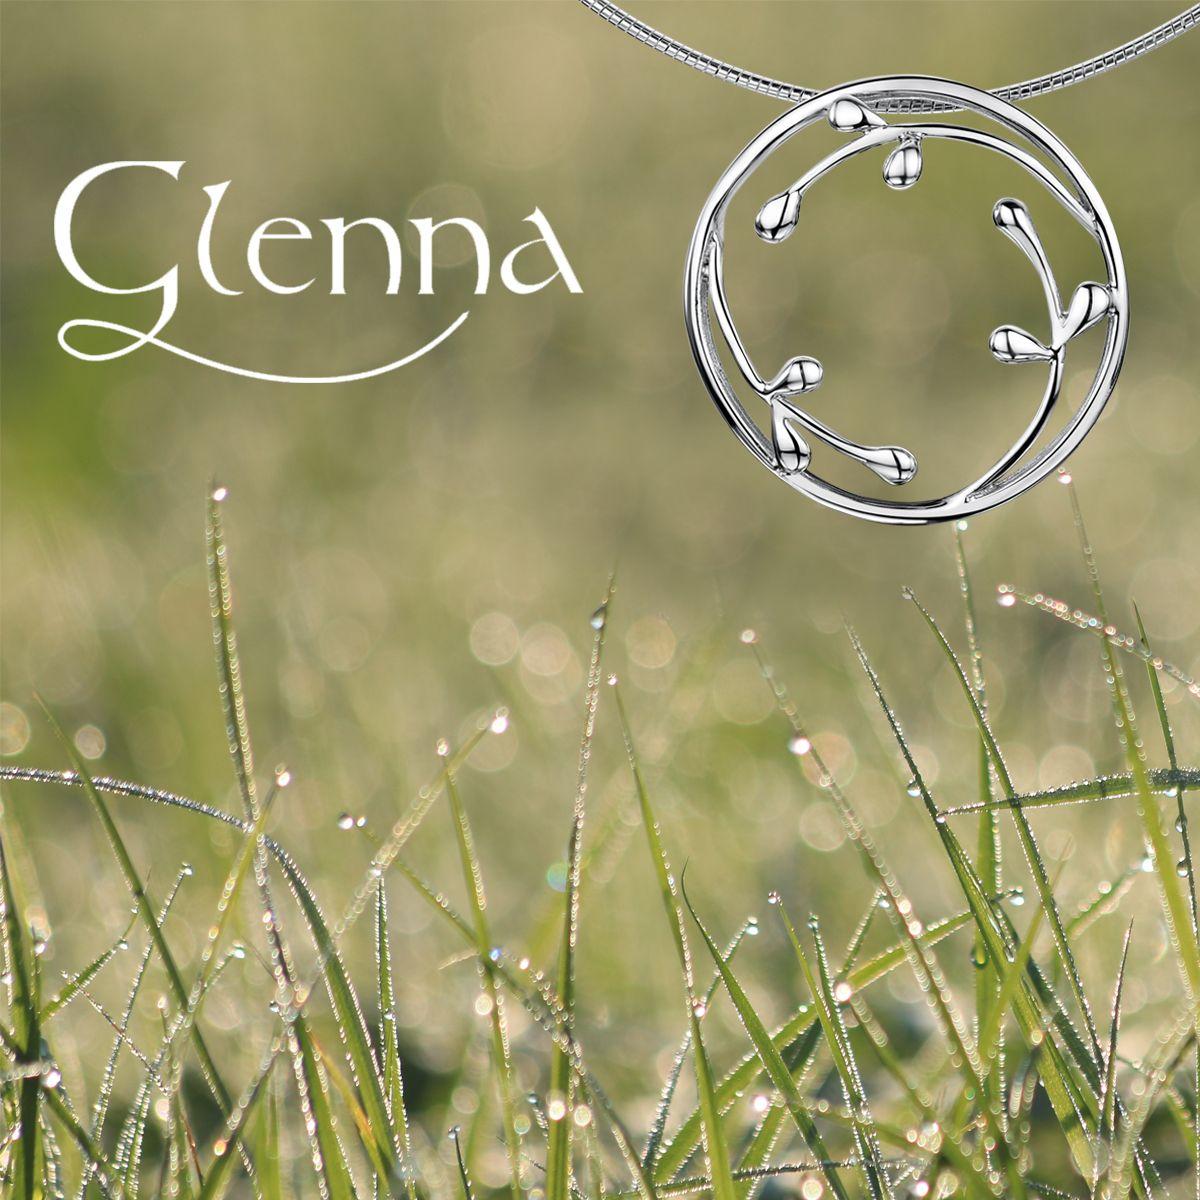 Glenna Jewellery